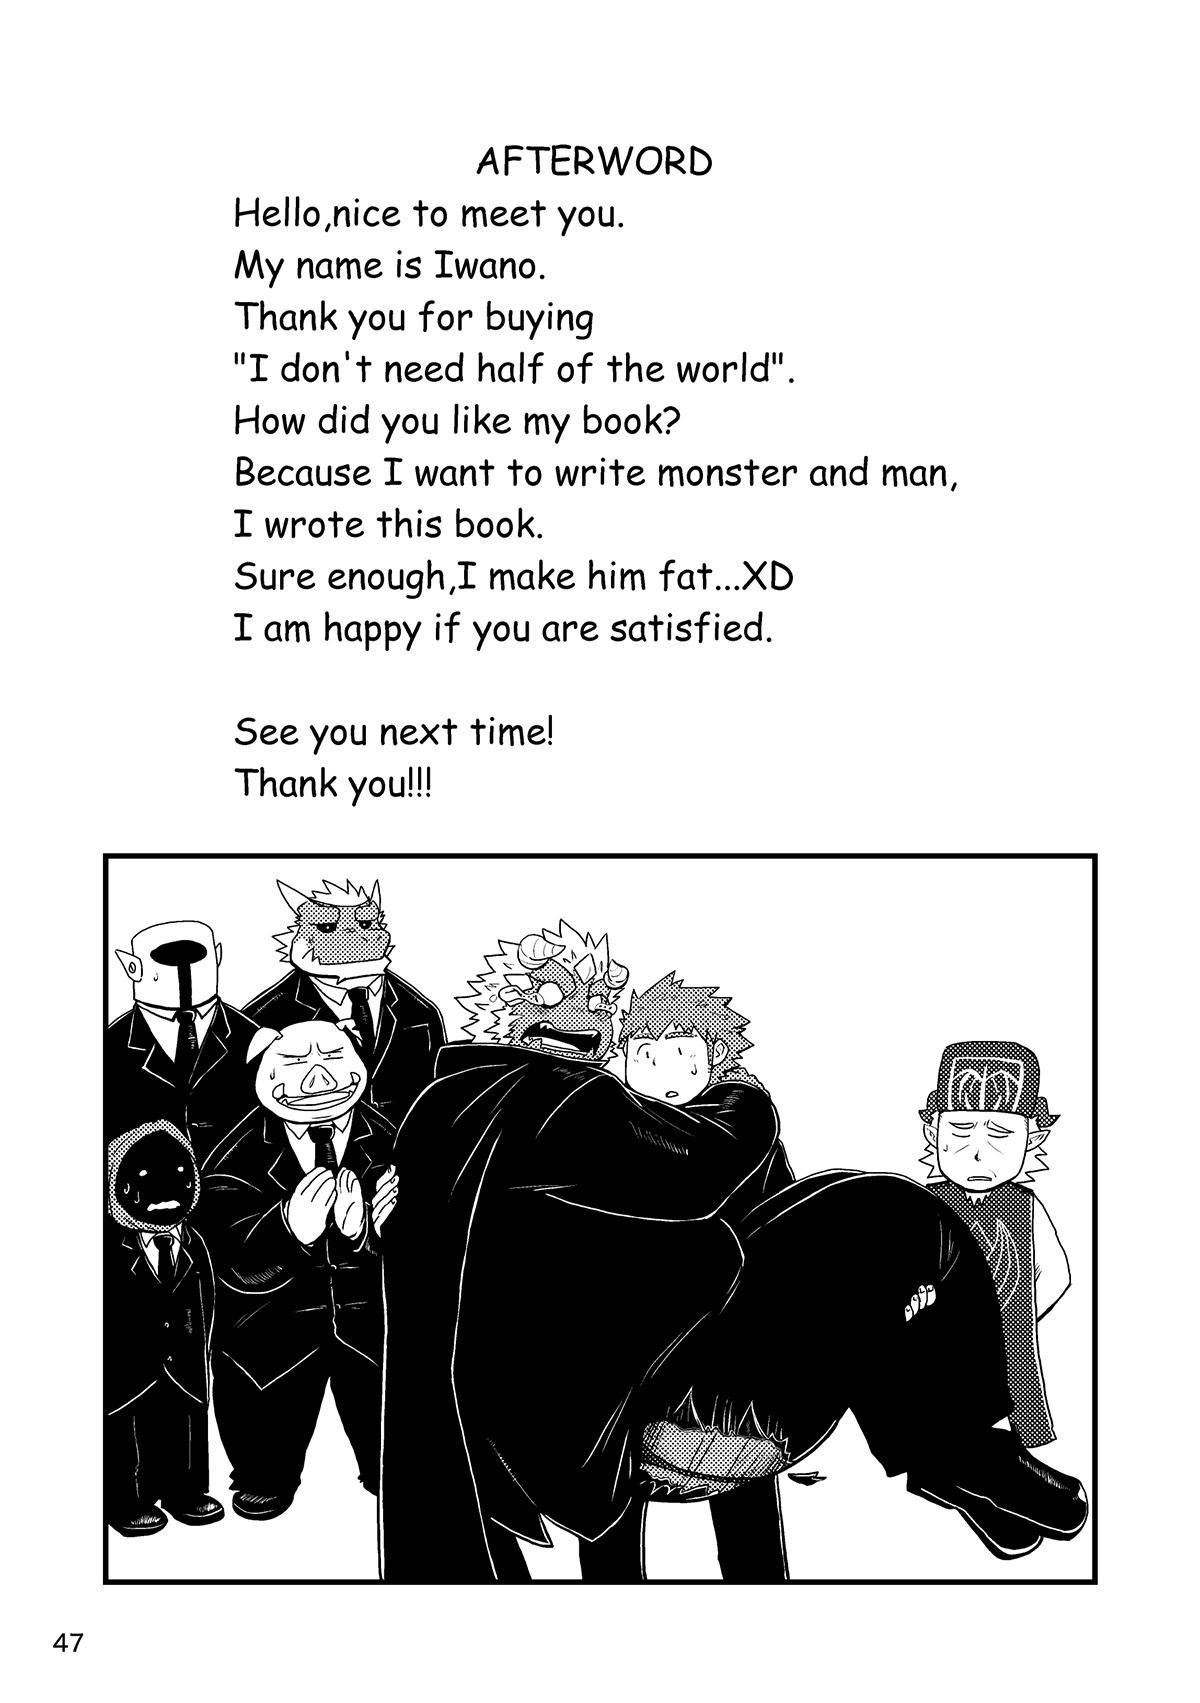 Sekai no Hanbun wa Irimasen. - I don't need half of the world. 46